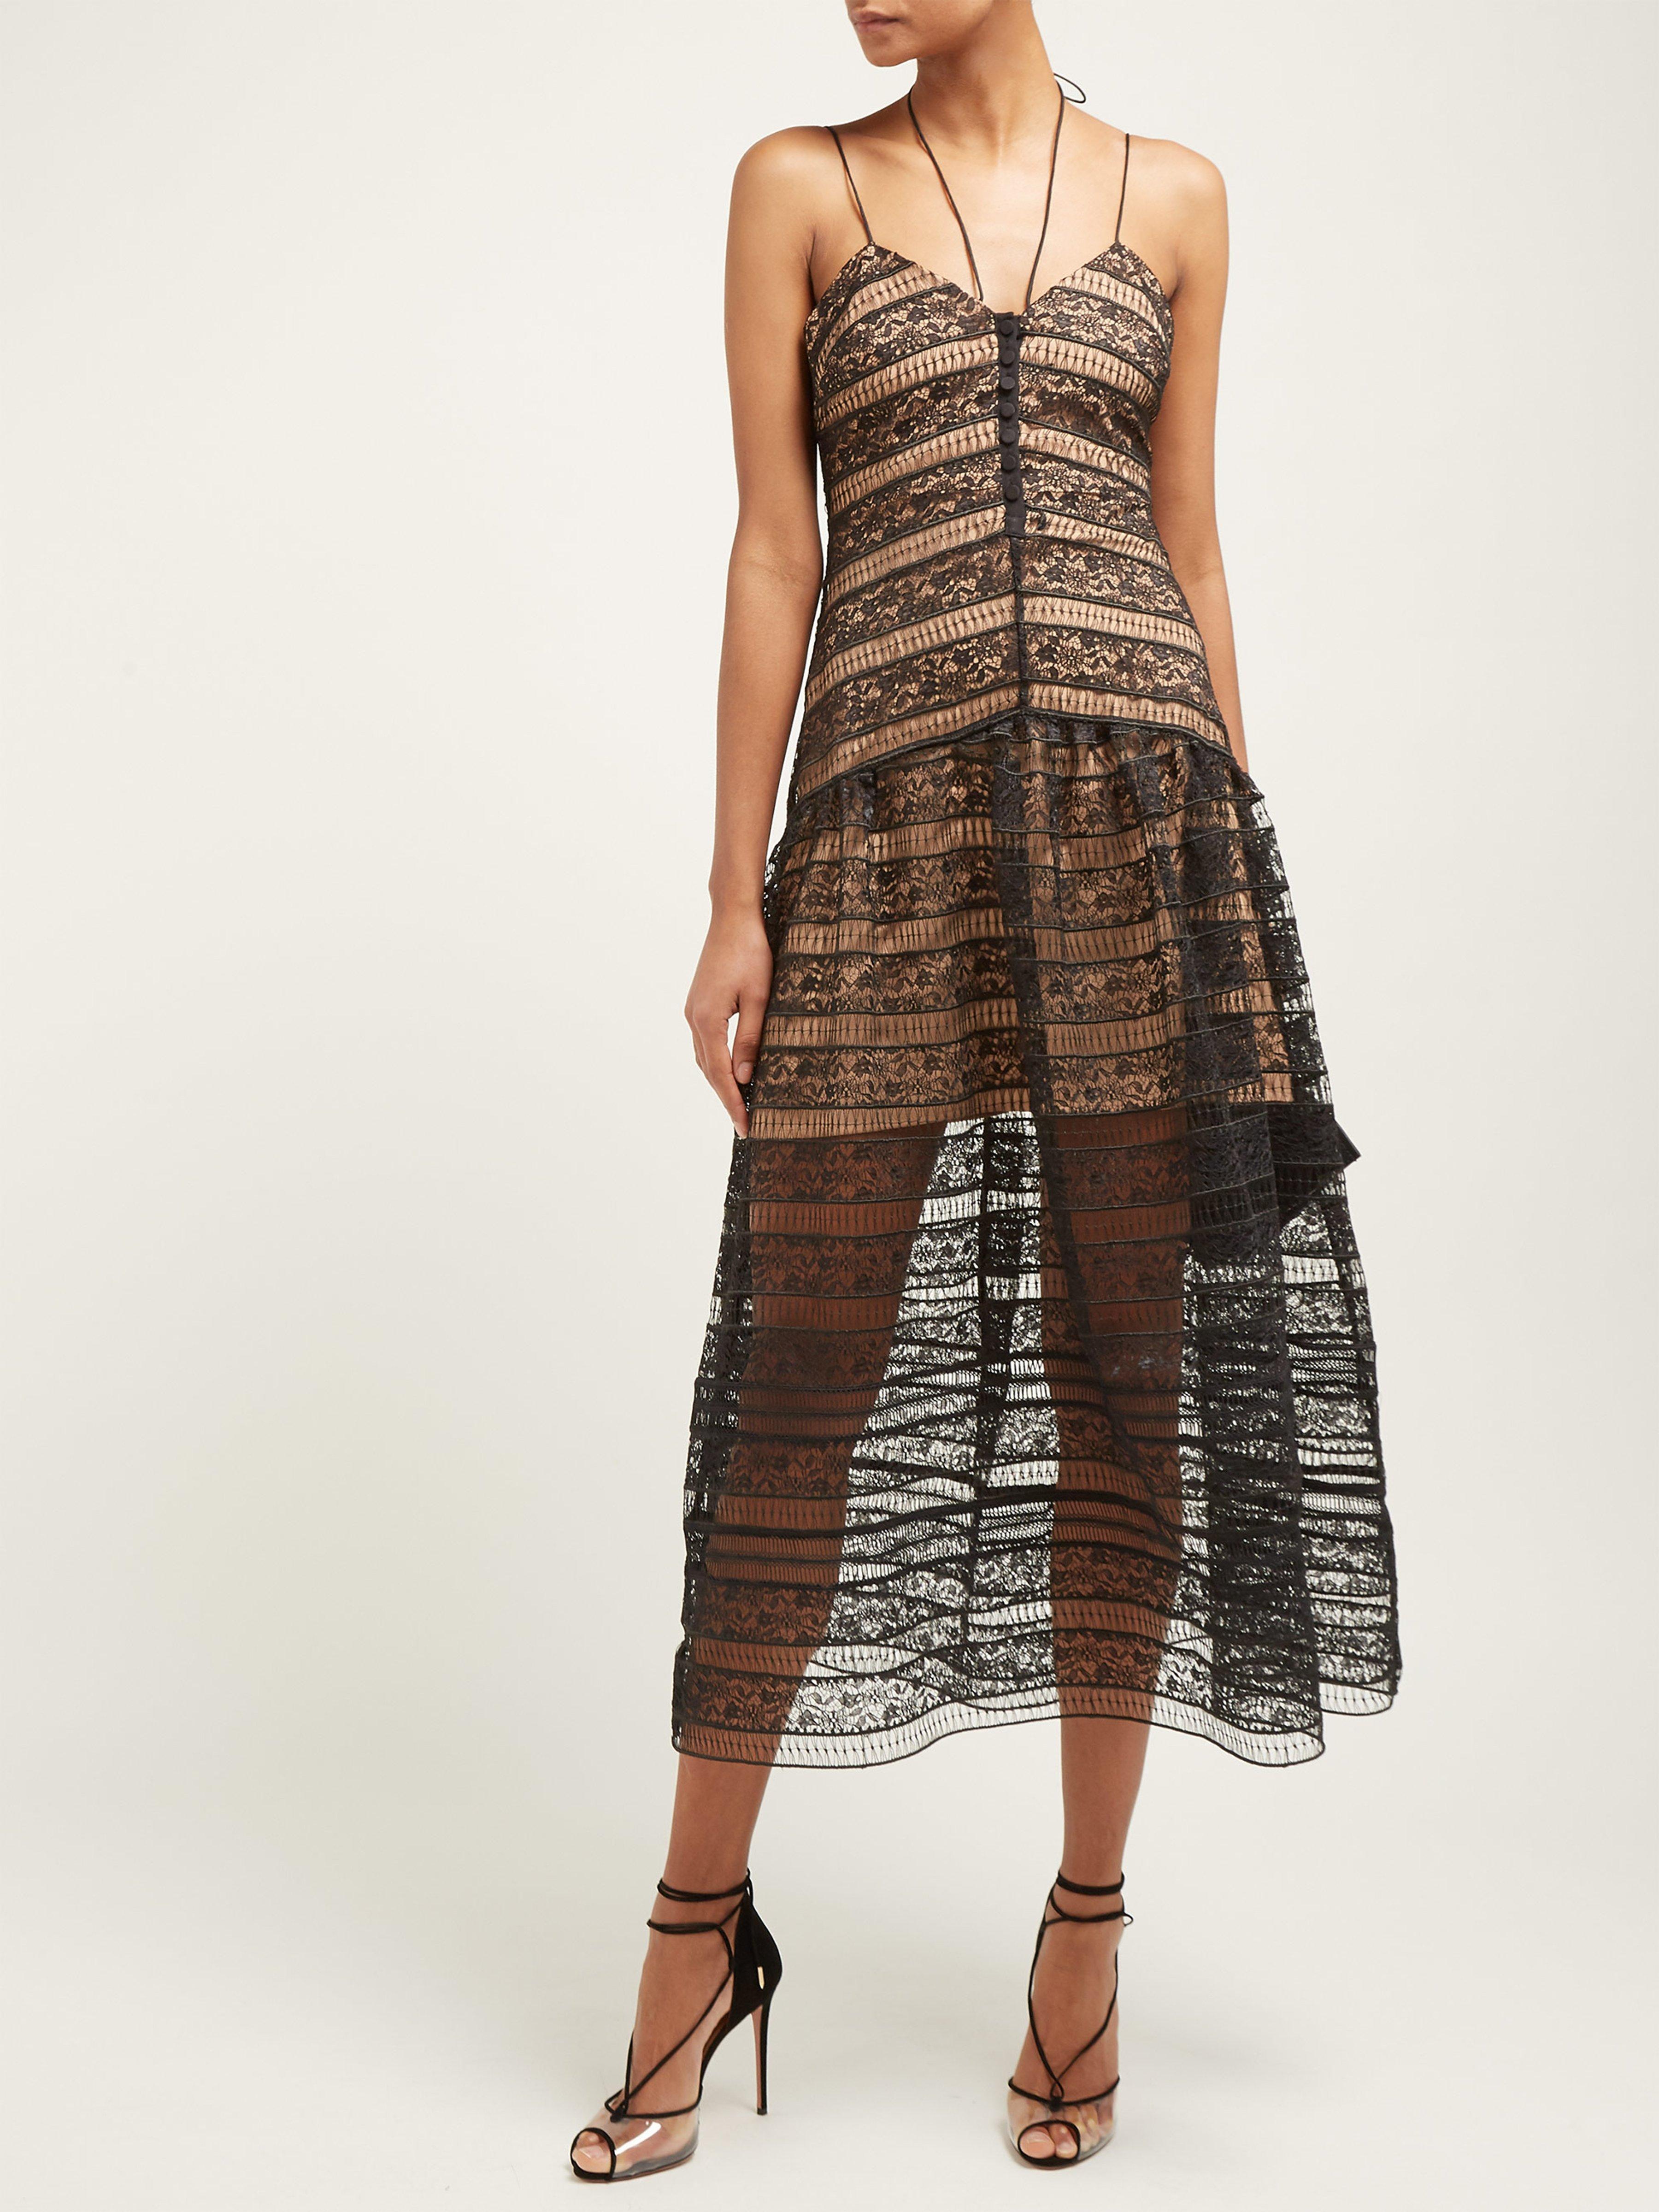 da5a669165e3f Self-Portrait Floral Lace Strappy Midi Dress in Black - Lyst